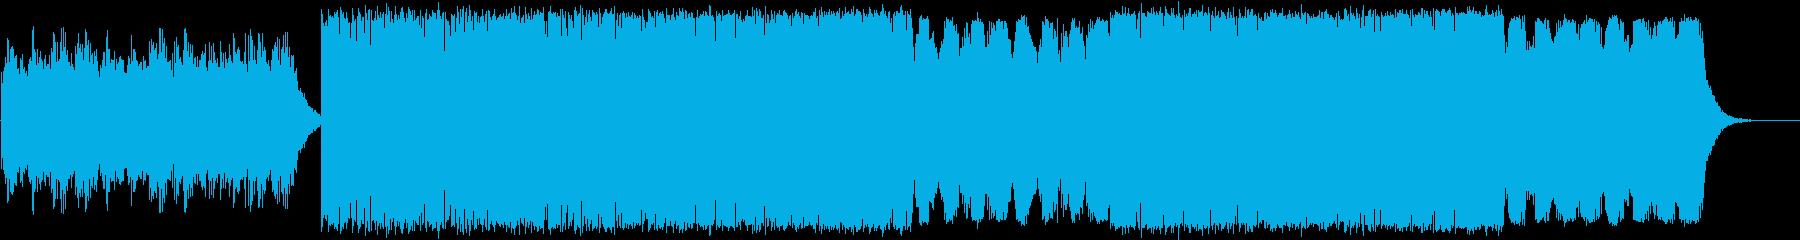 チェロとピアノの神秘的なテクスチャーの再生済みの波形